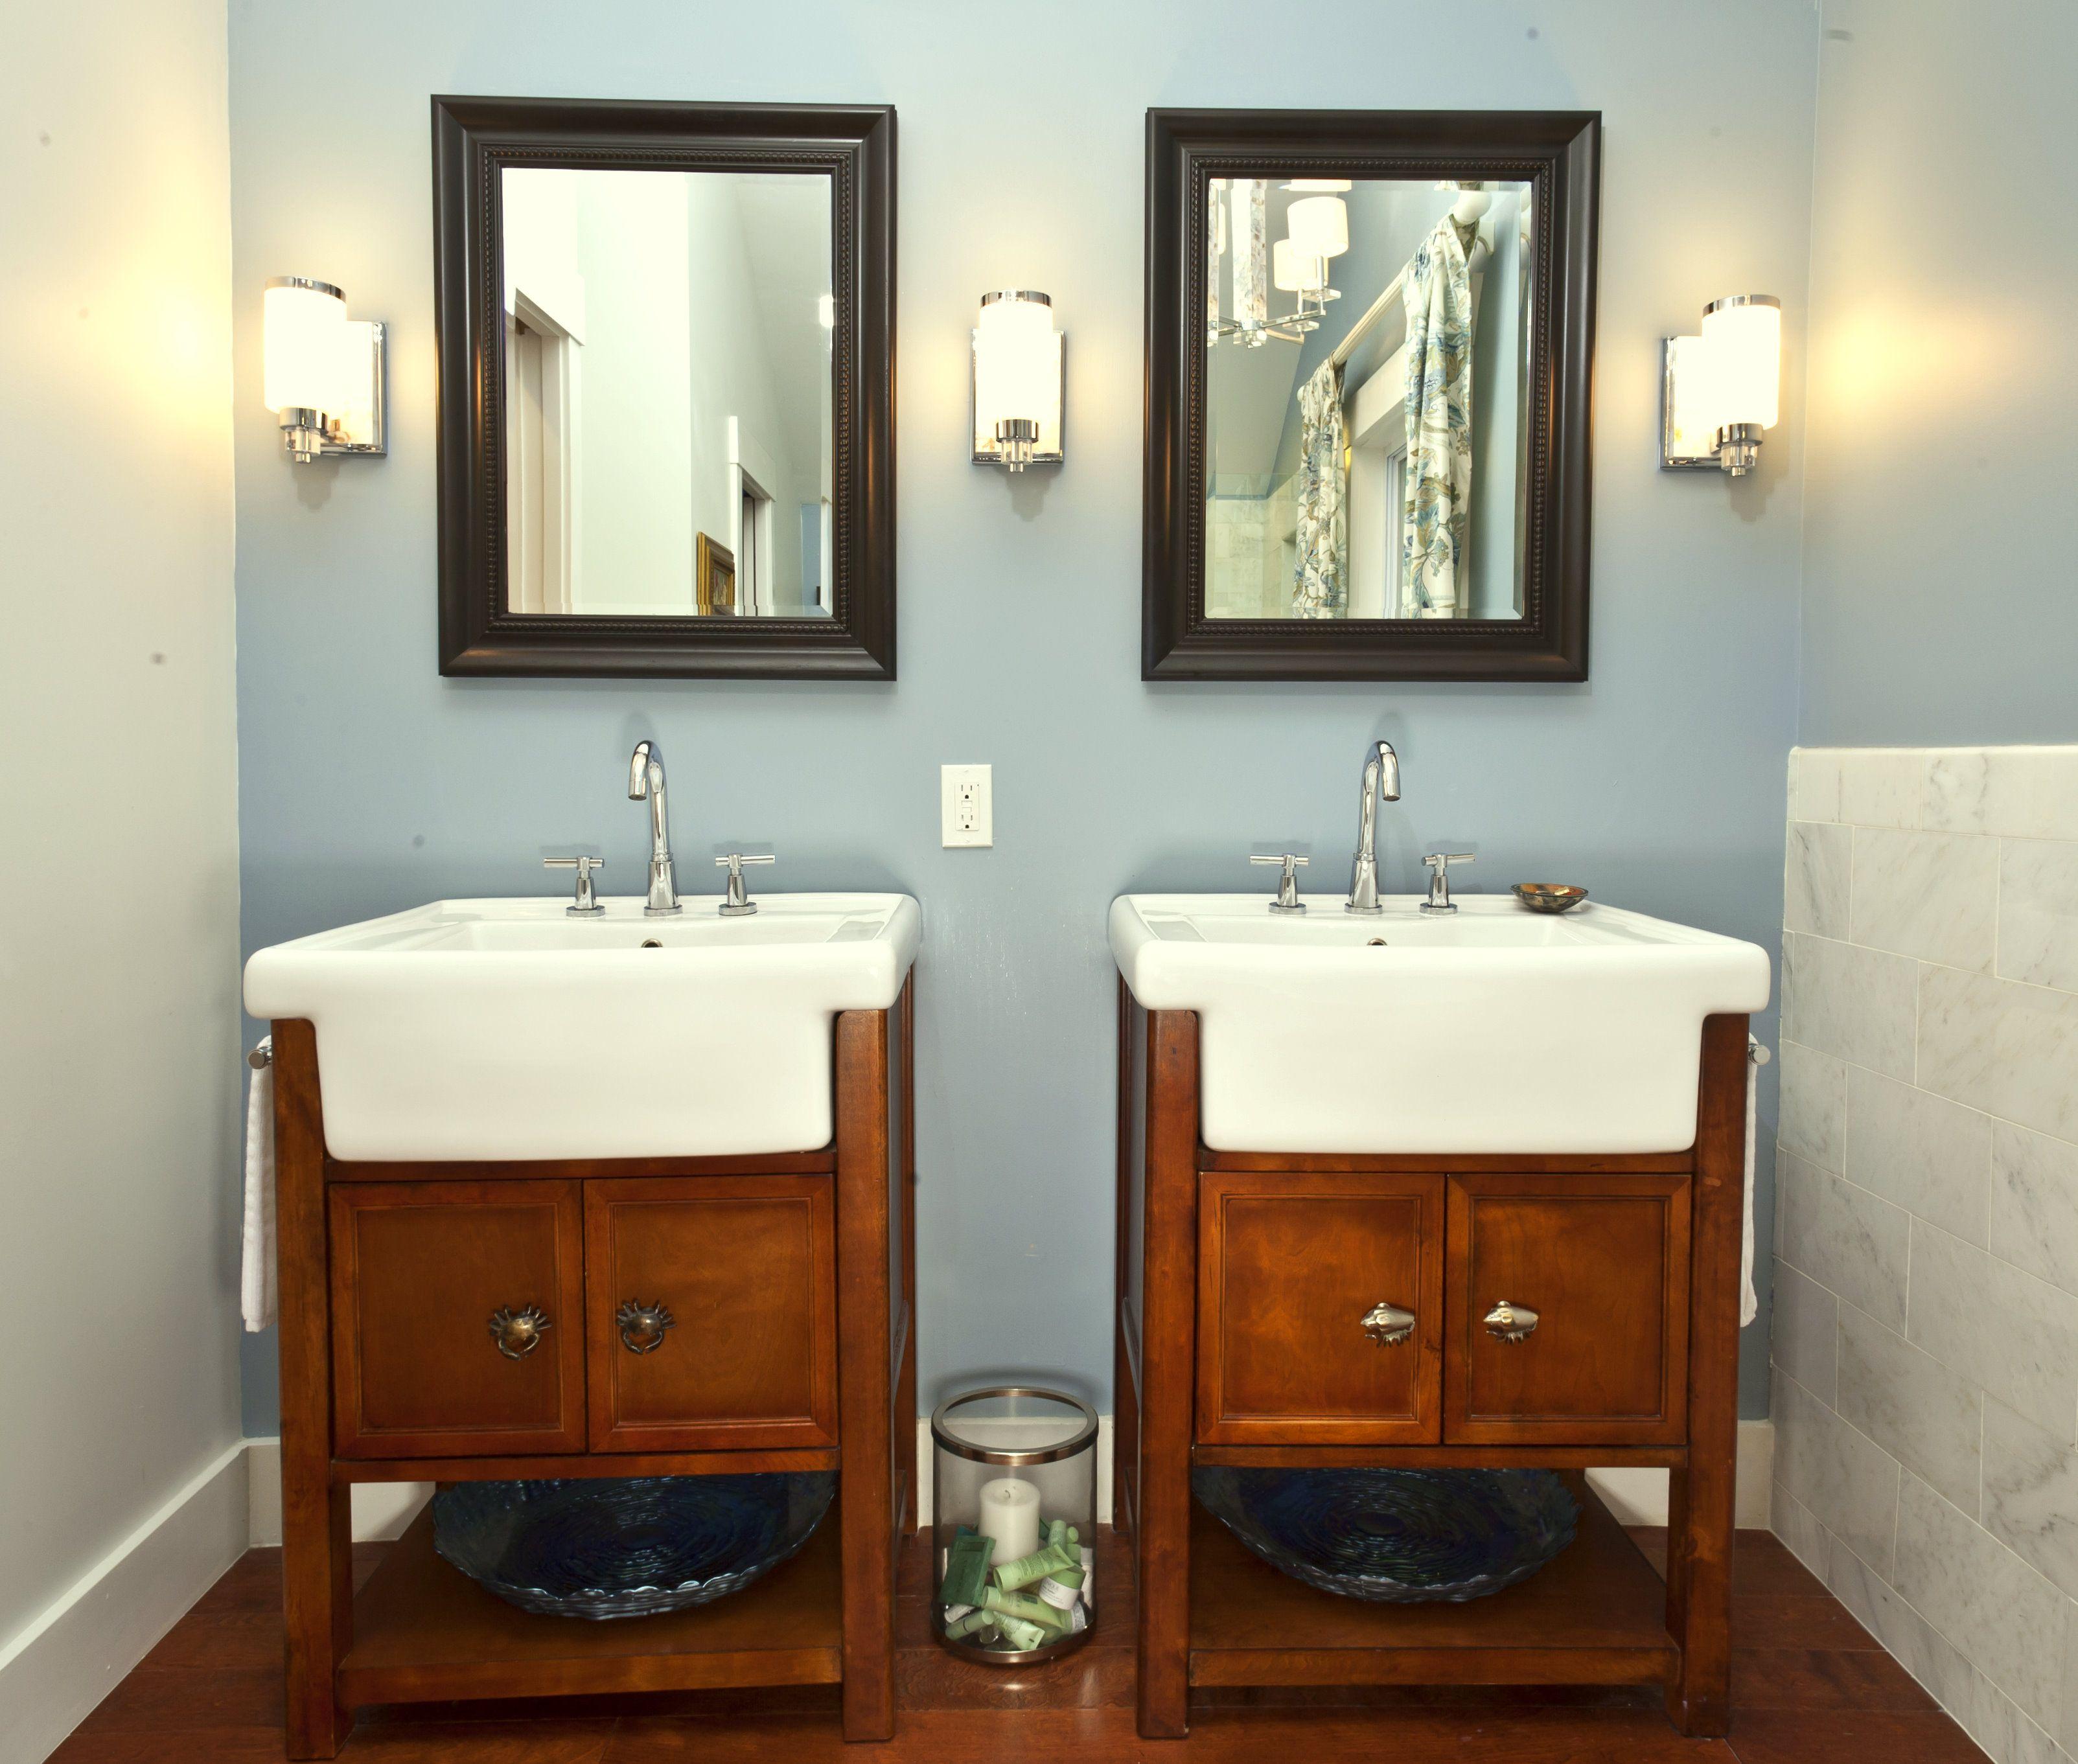 Bathroom Sinks Bathroom Renovations Bathrooms Remodel Bath Sinks